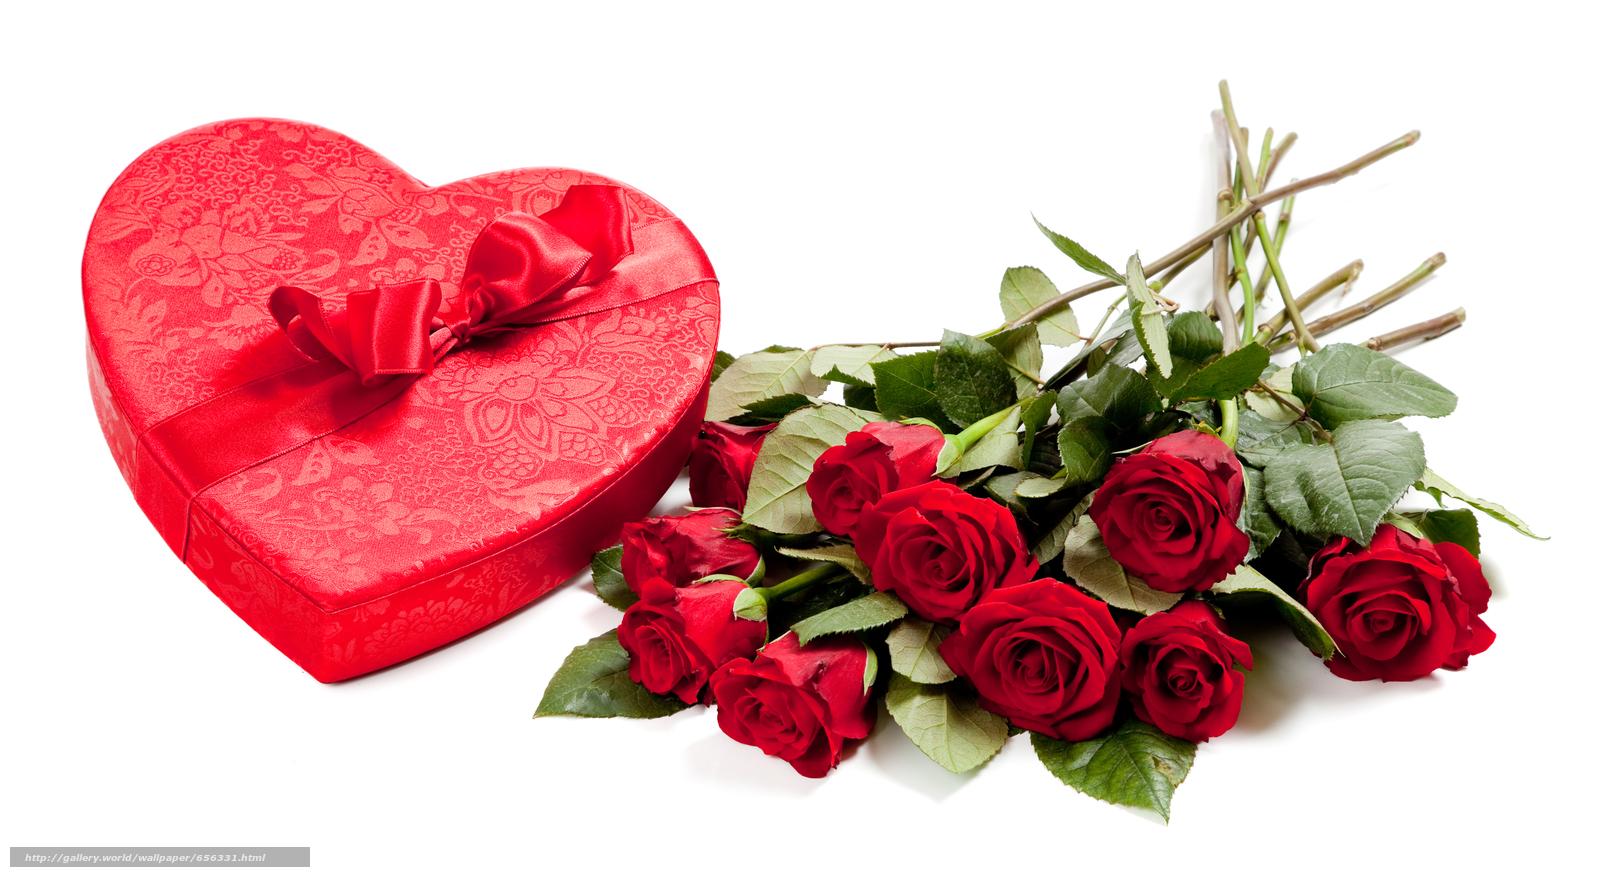 С Днем Сердца открытка - Любовь и романтика - Анимационные блестящие 70